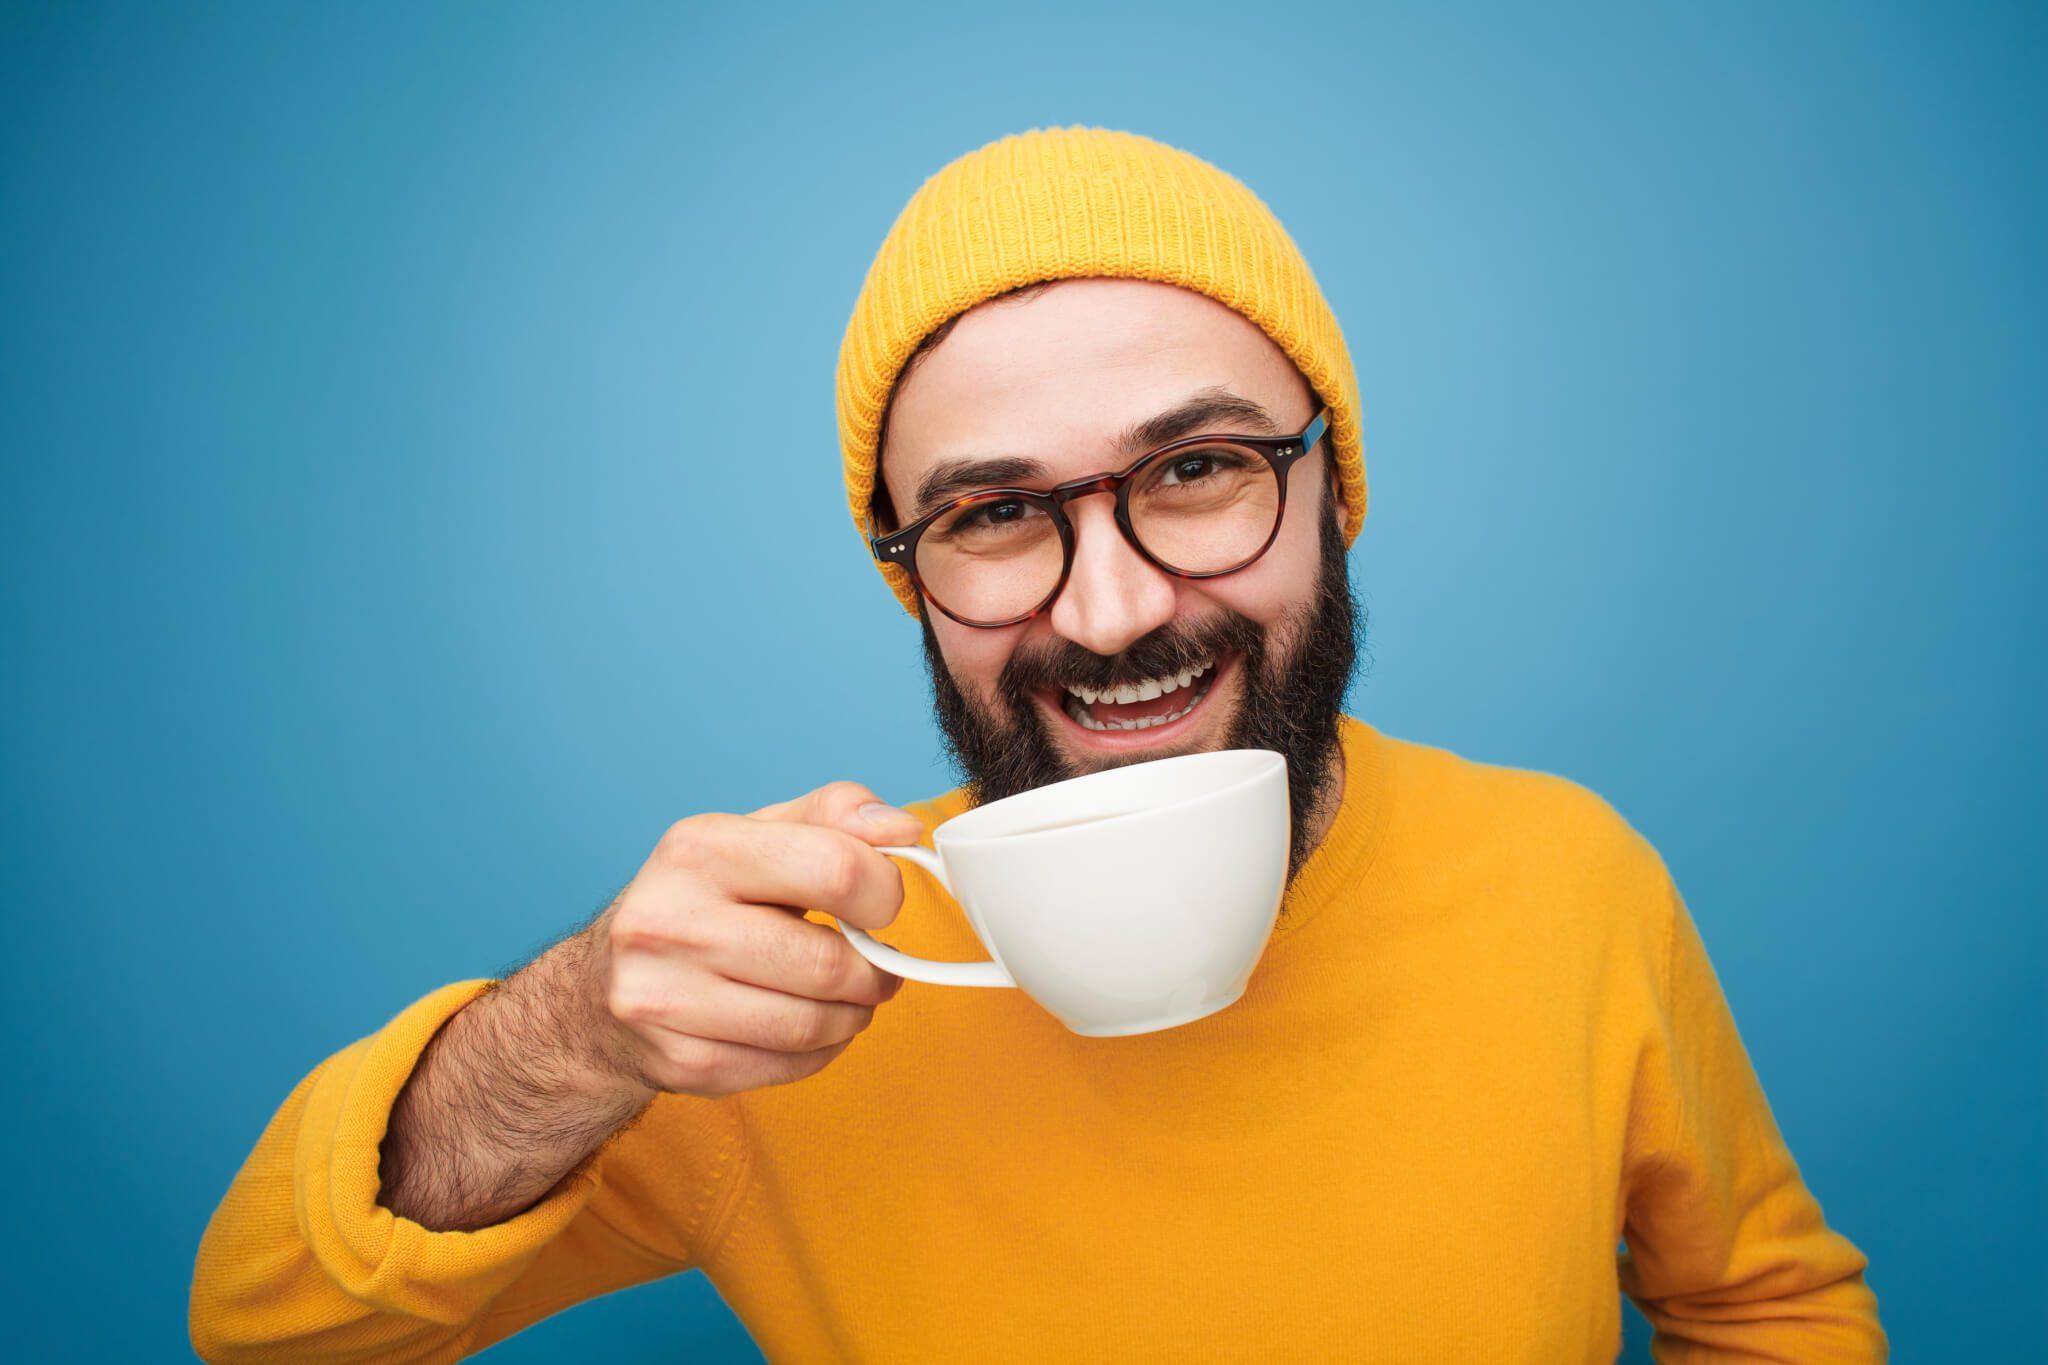 Identidade Visual: Saiba em quais situações usar xícaras personalizadas para empresas